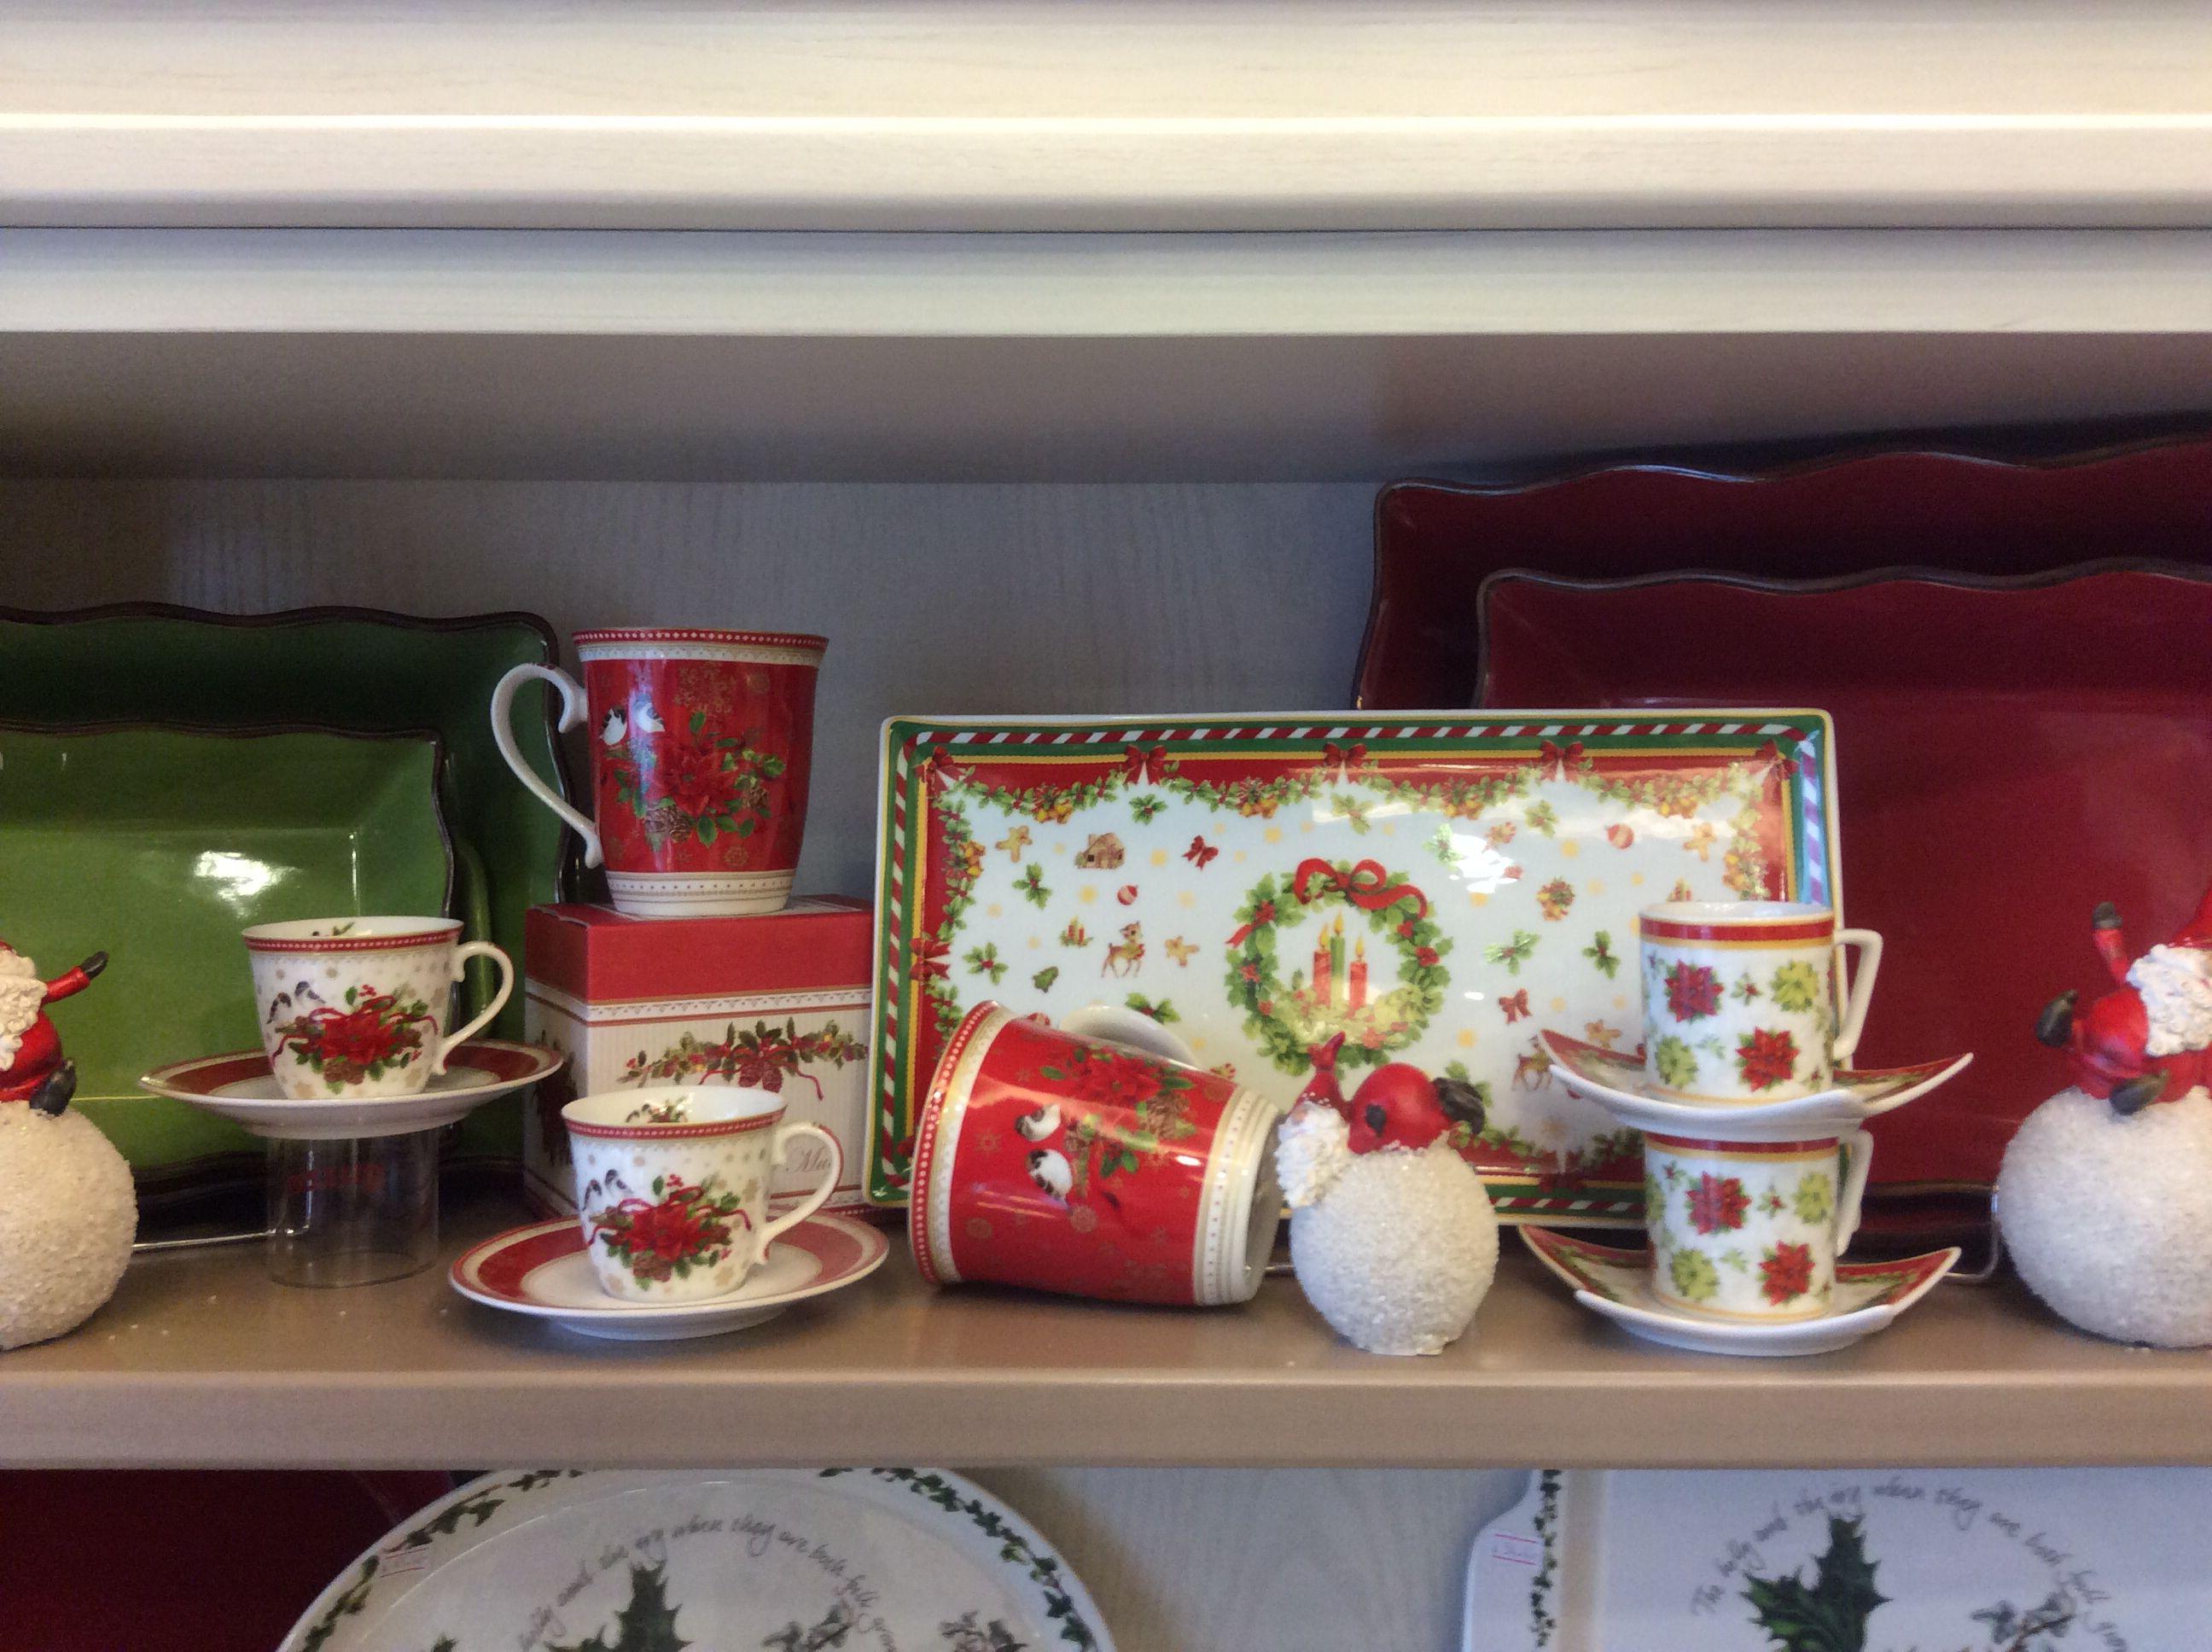 Espresso cup, plate, tea cup, Santa Claus decoration Xmas